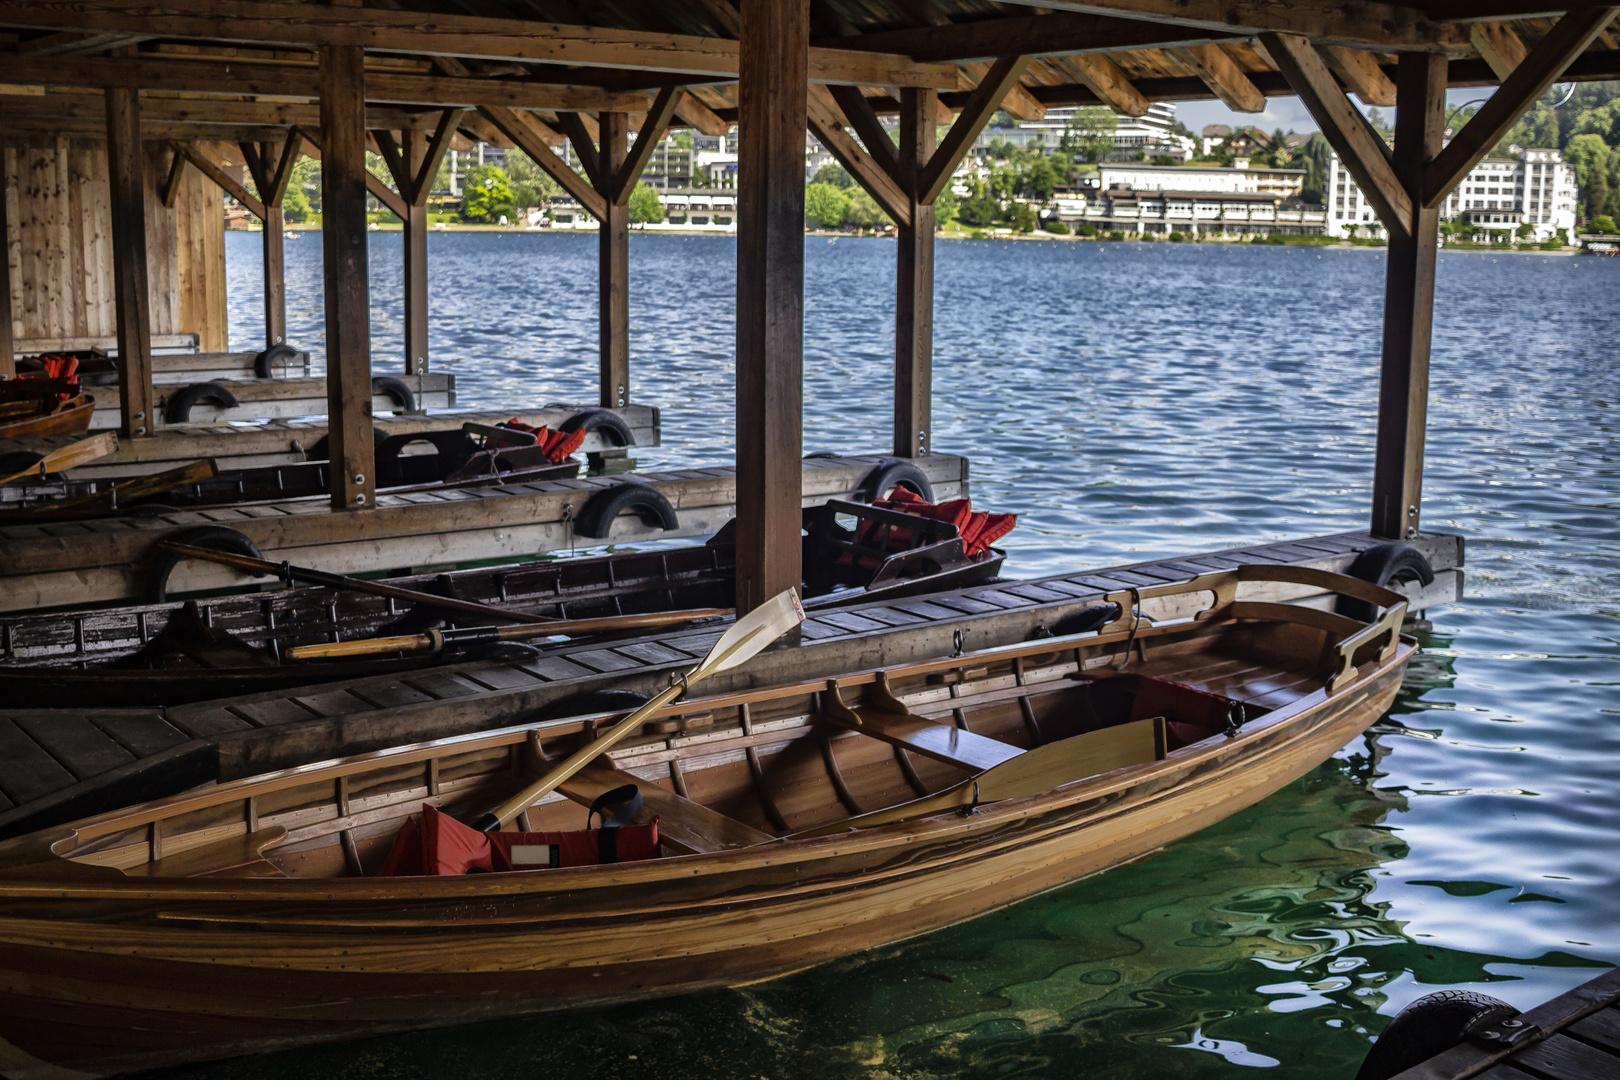 Las barcazas de Bled